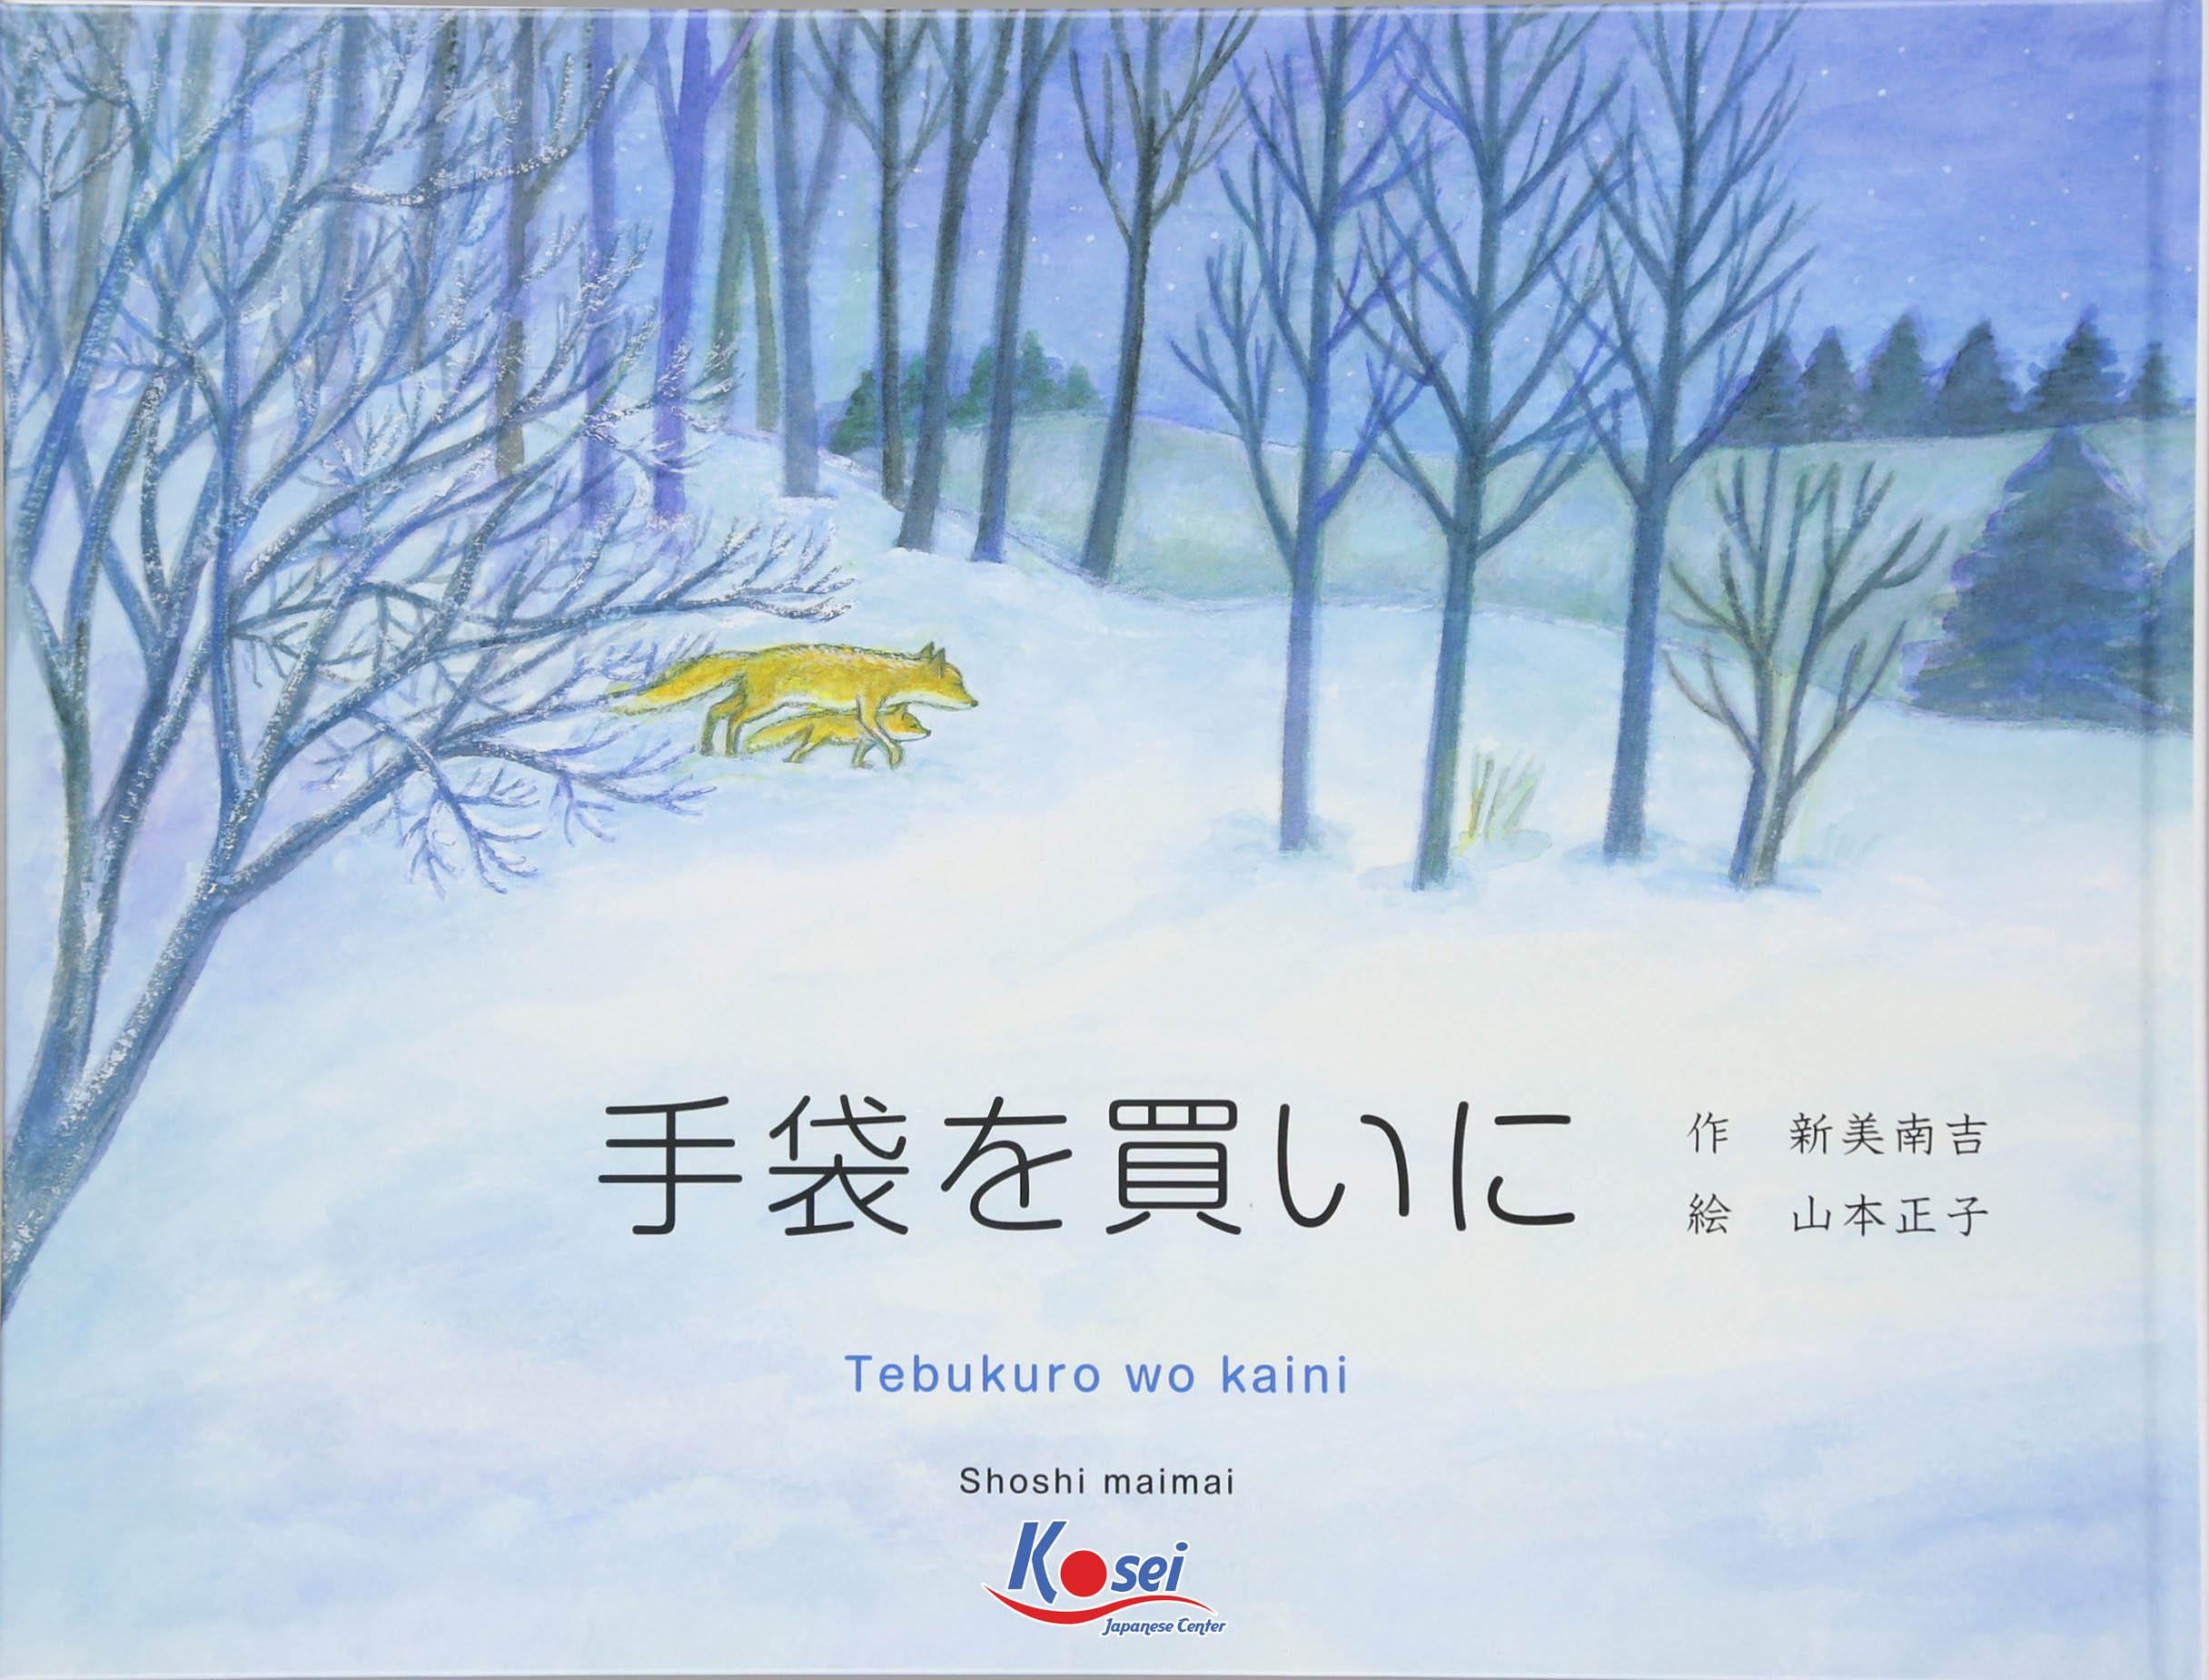 Học tiếng Nhật qua truyện cổ tích: Cáo con mua găng tay (手袋を買いに)